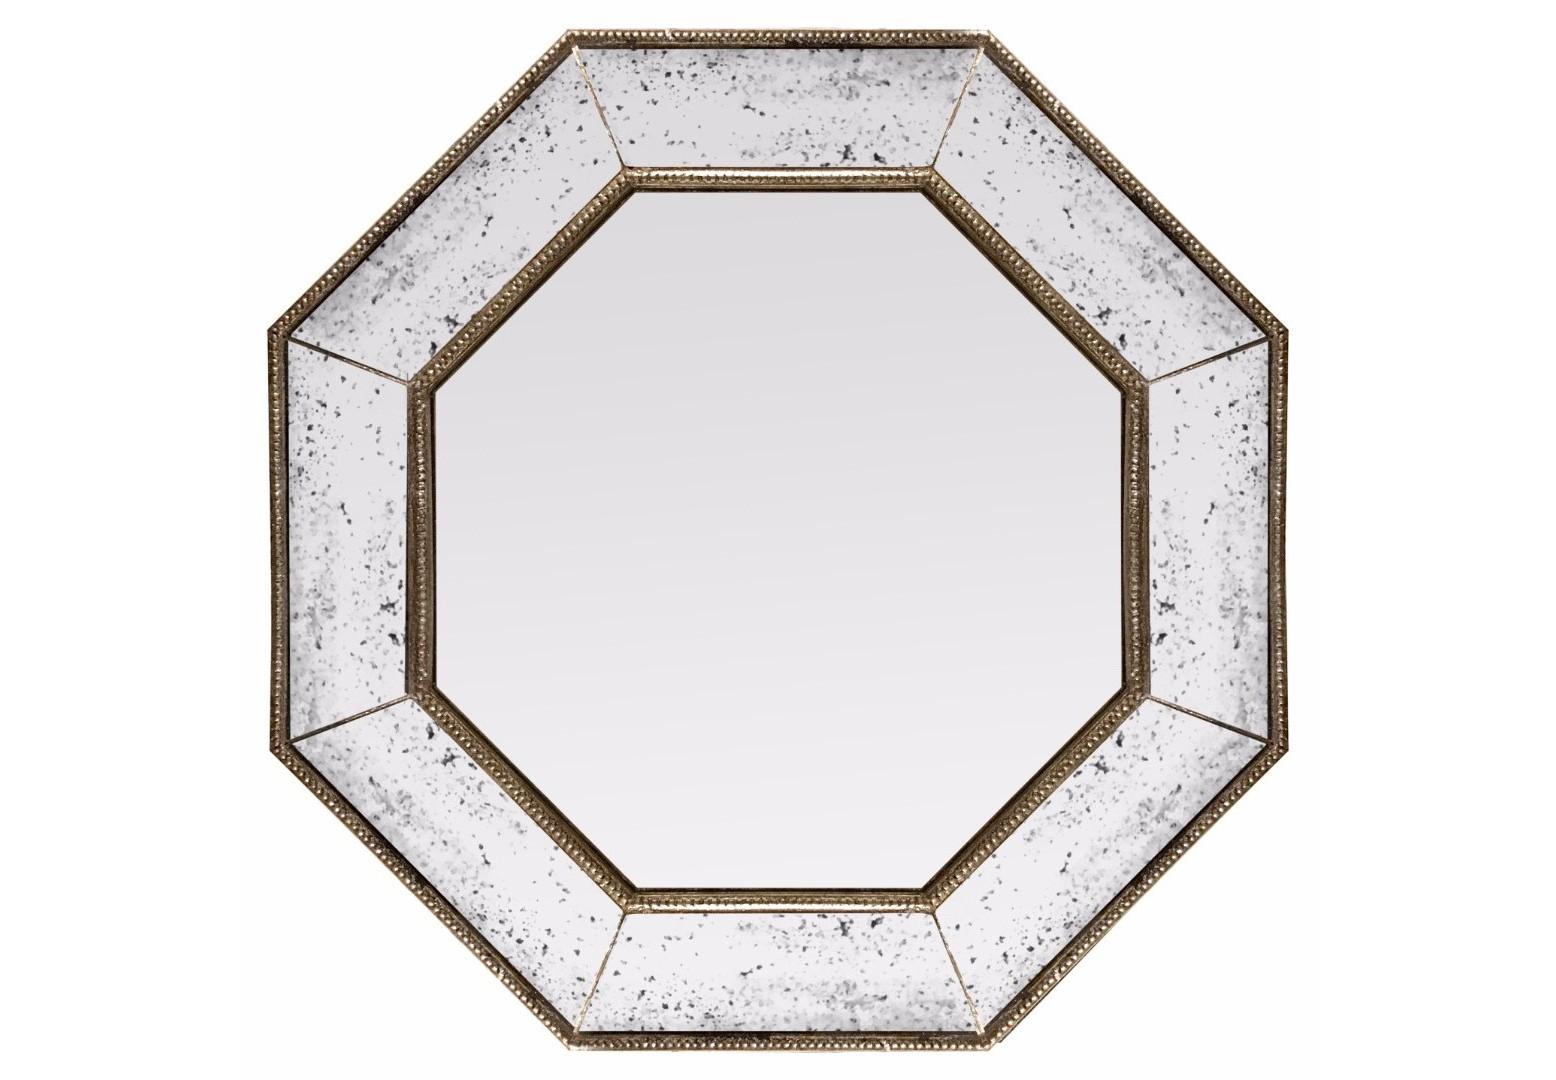 Зеркало angelique (bountyhome) бронзовый 65.0x65.0x5.0 см. фото